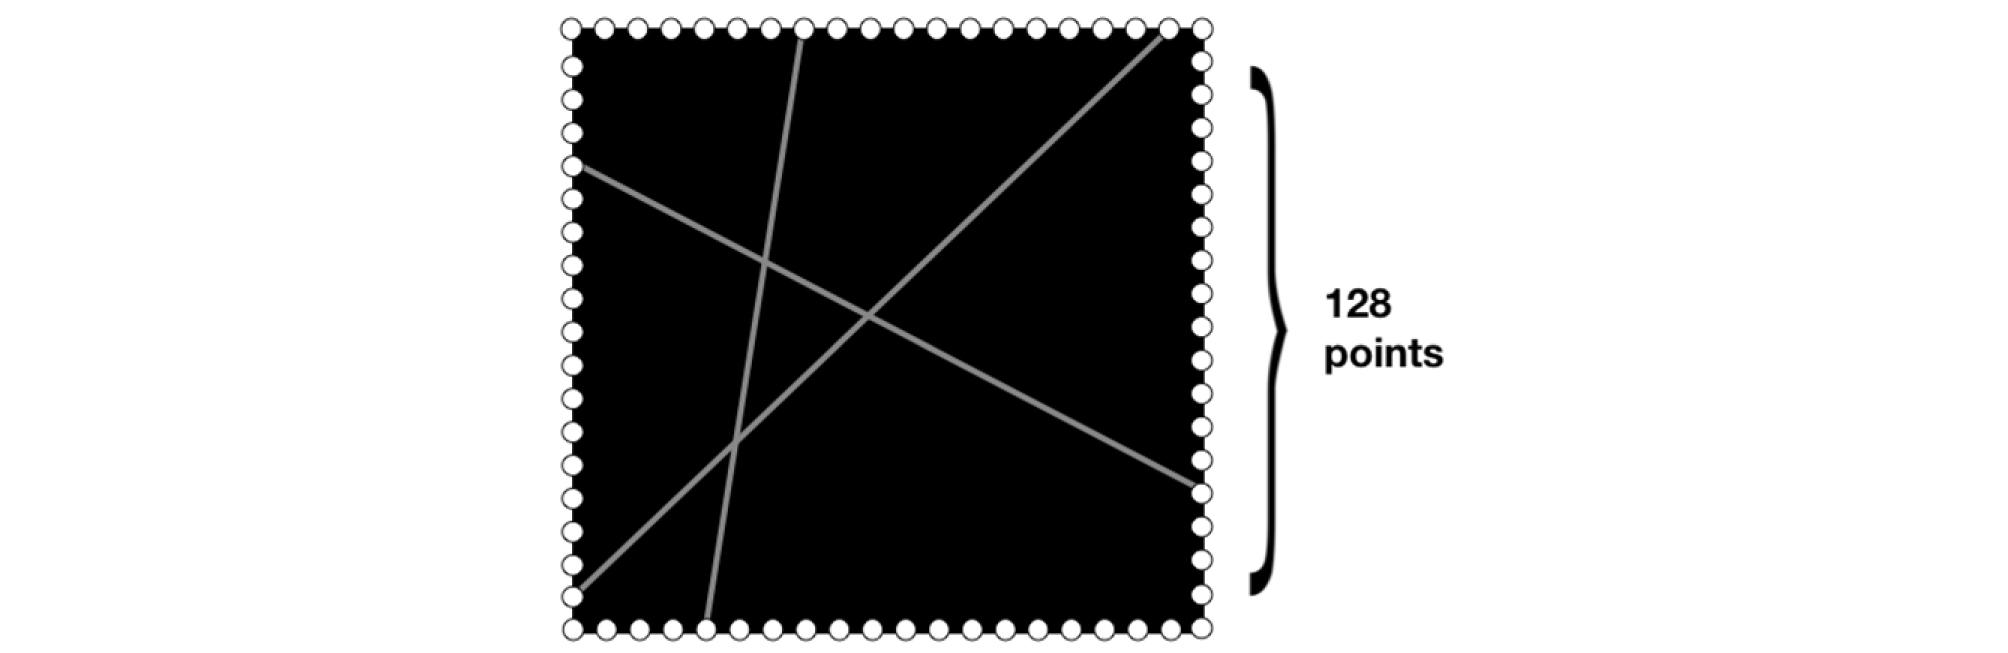 http://static.apub.kr/journalsite/sites/ksrm/2019-029-04/N0120290402/images/ksrm_29_04_02_F4.jpg